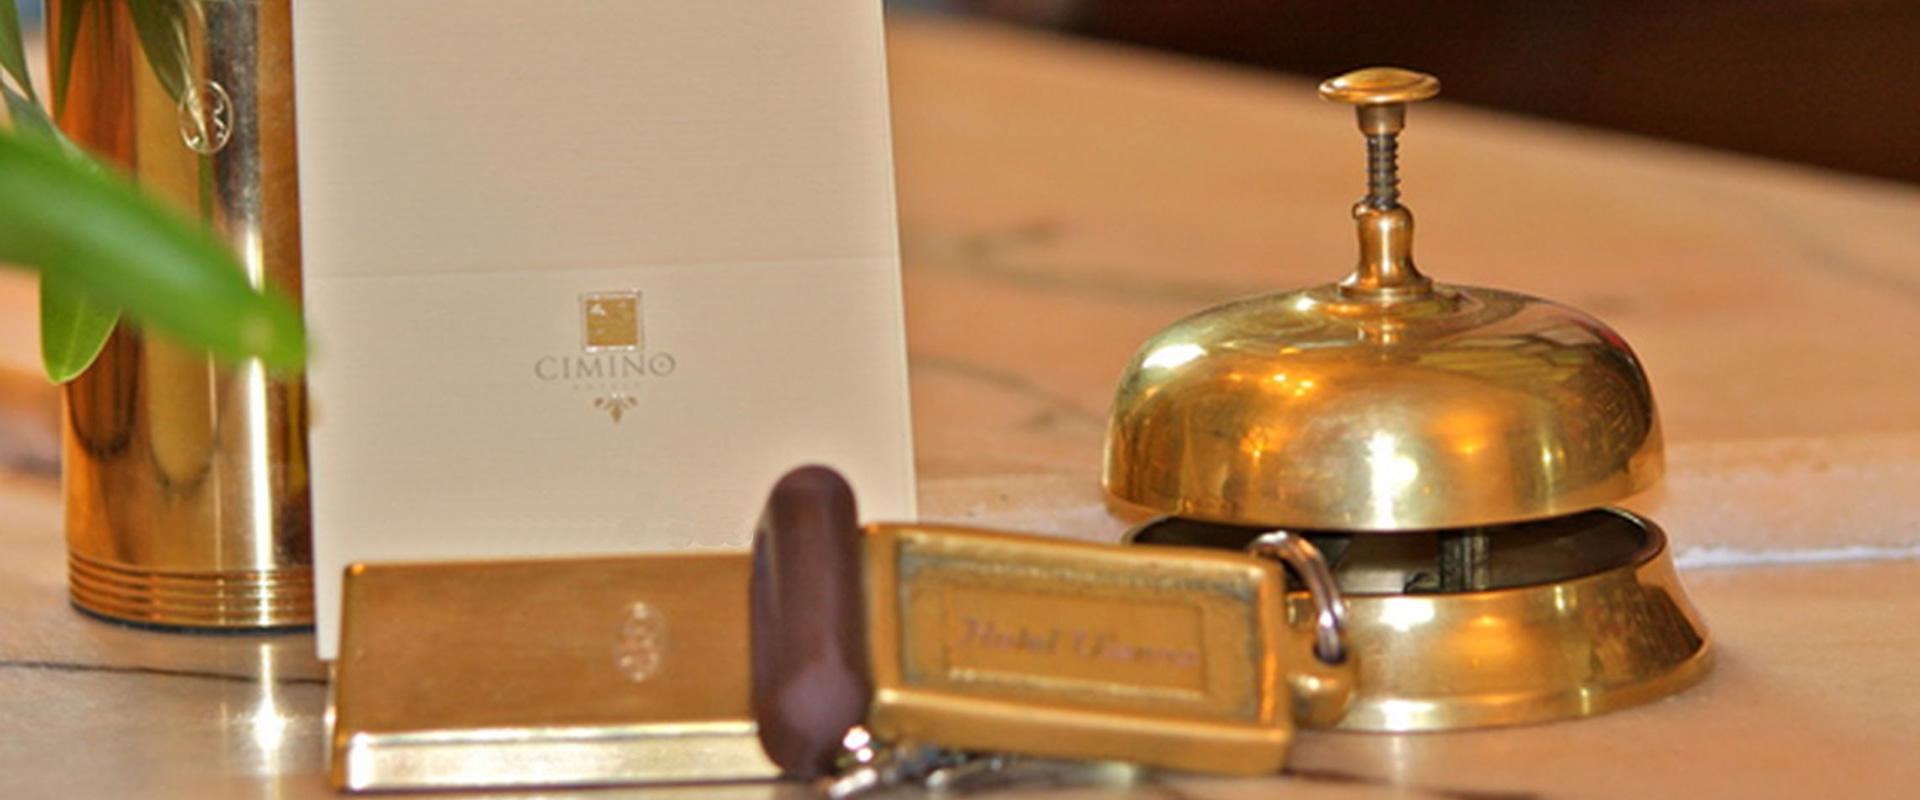 CReception Hotel Britannia 3 stelle a Rimini